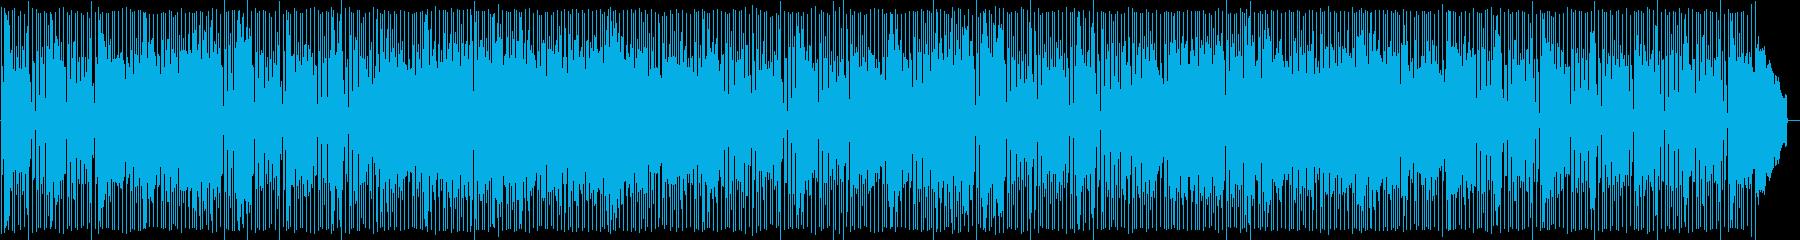 優しくて陽気なテクノポップの再生済みの波形